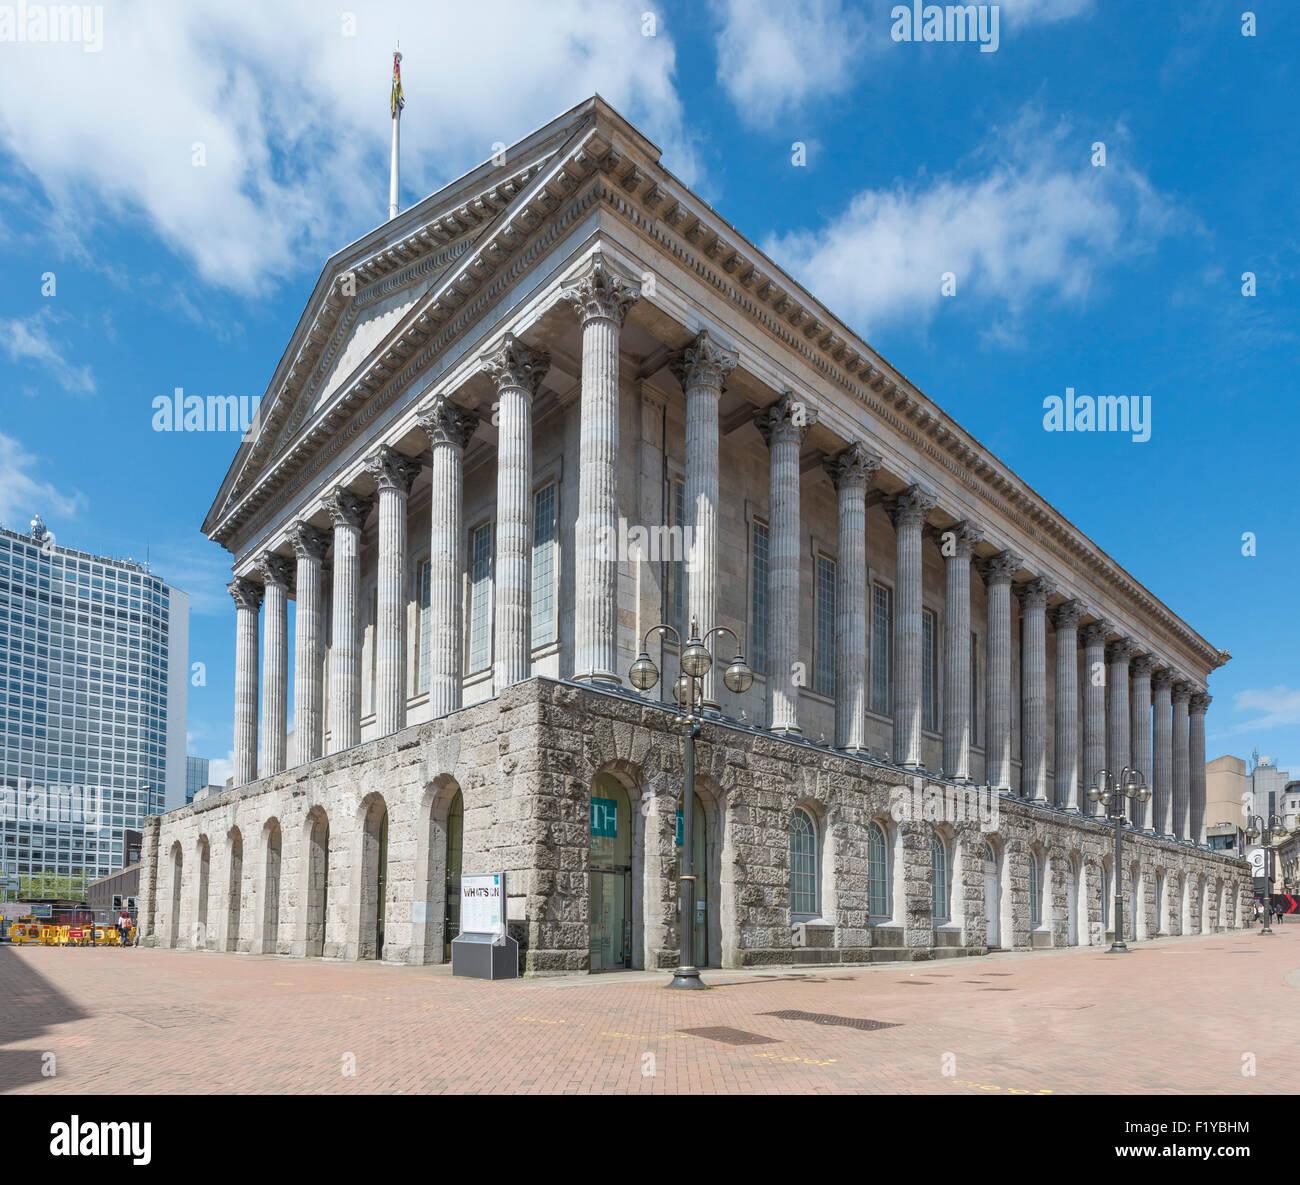 L'Hôtel de ville de Birmingham, Victoria Square, Birmingham Banque D'Images